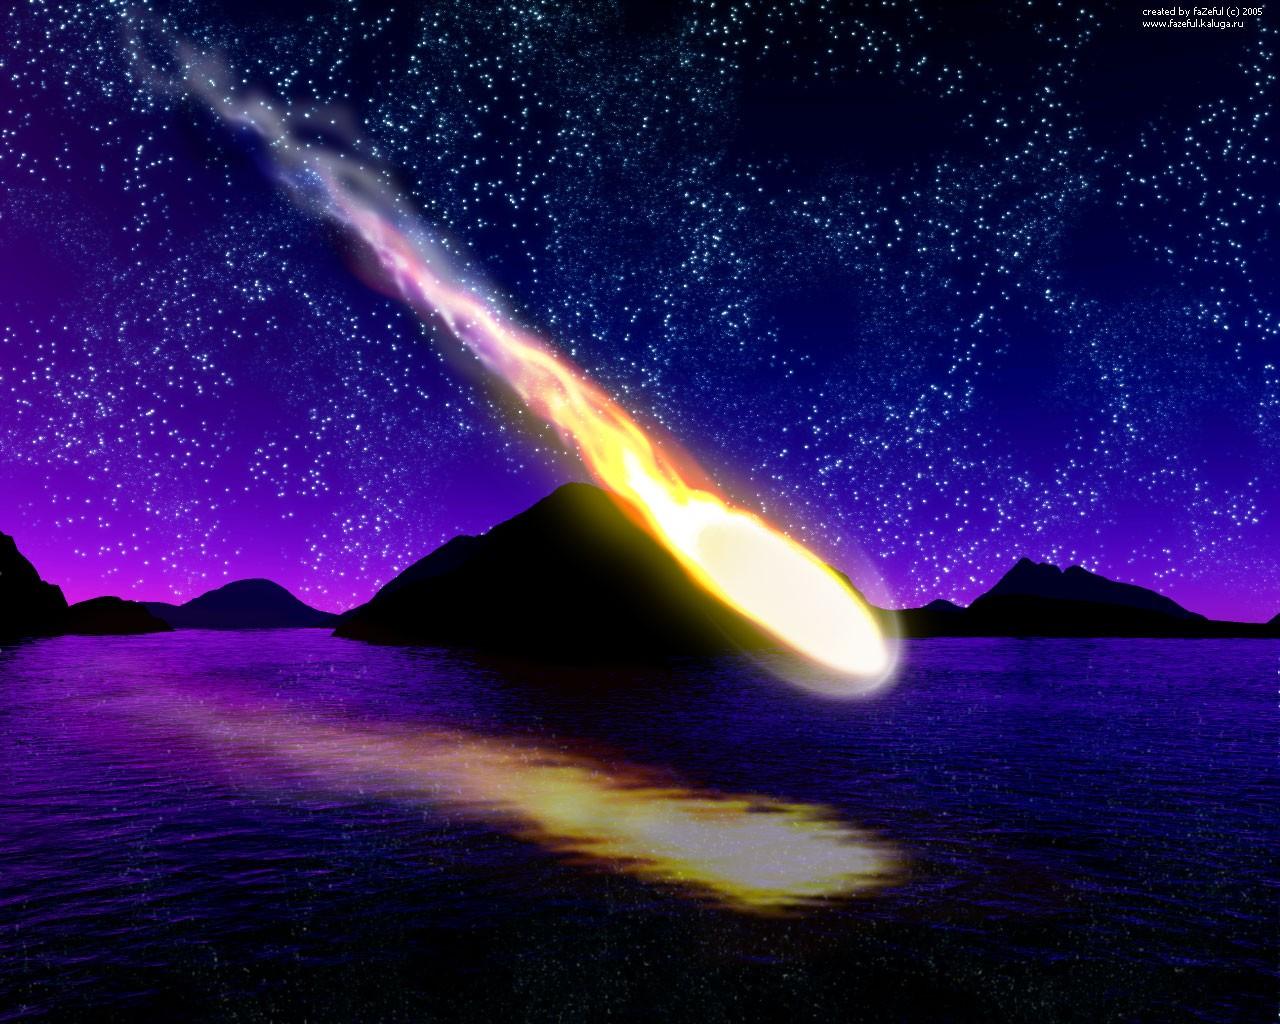 Ученый: Мурманский метеорит мог быть космическим прибором